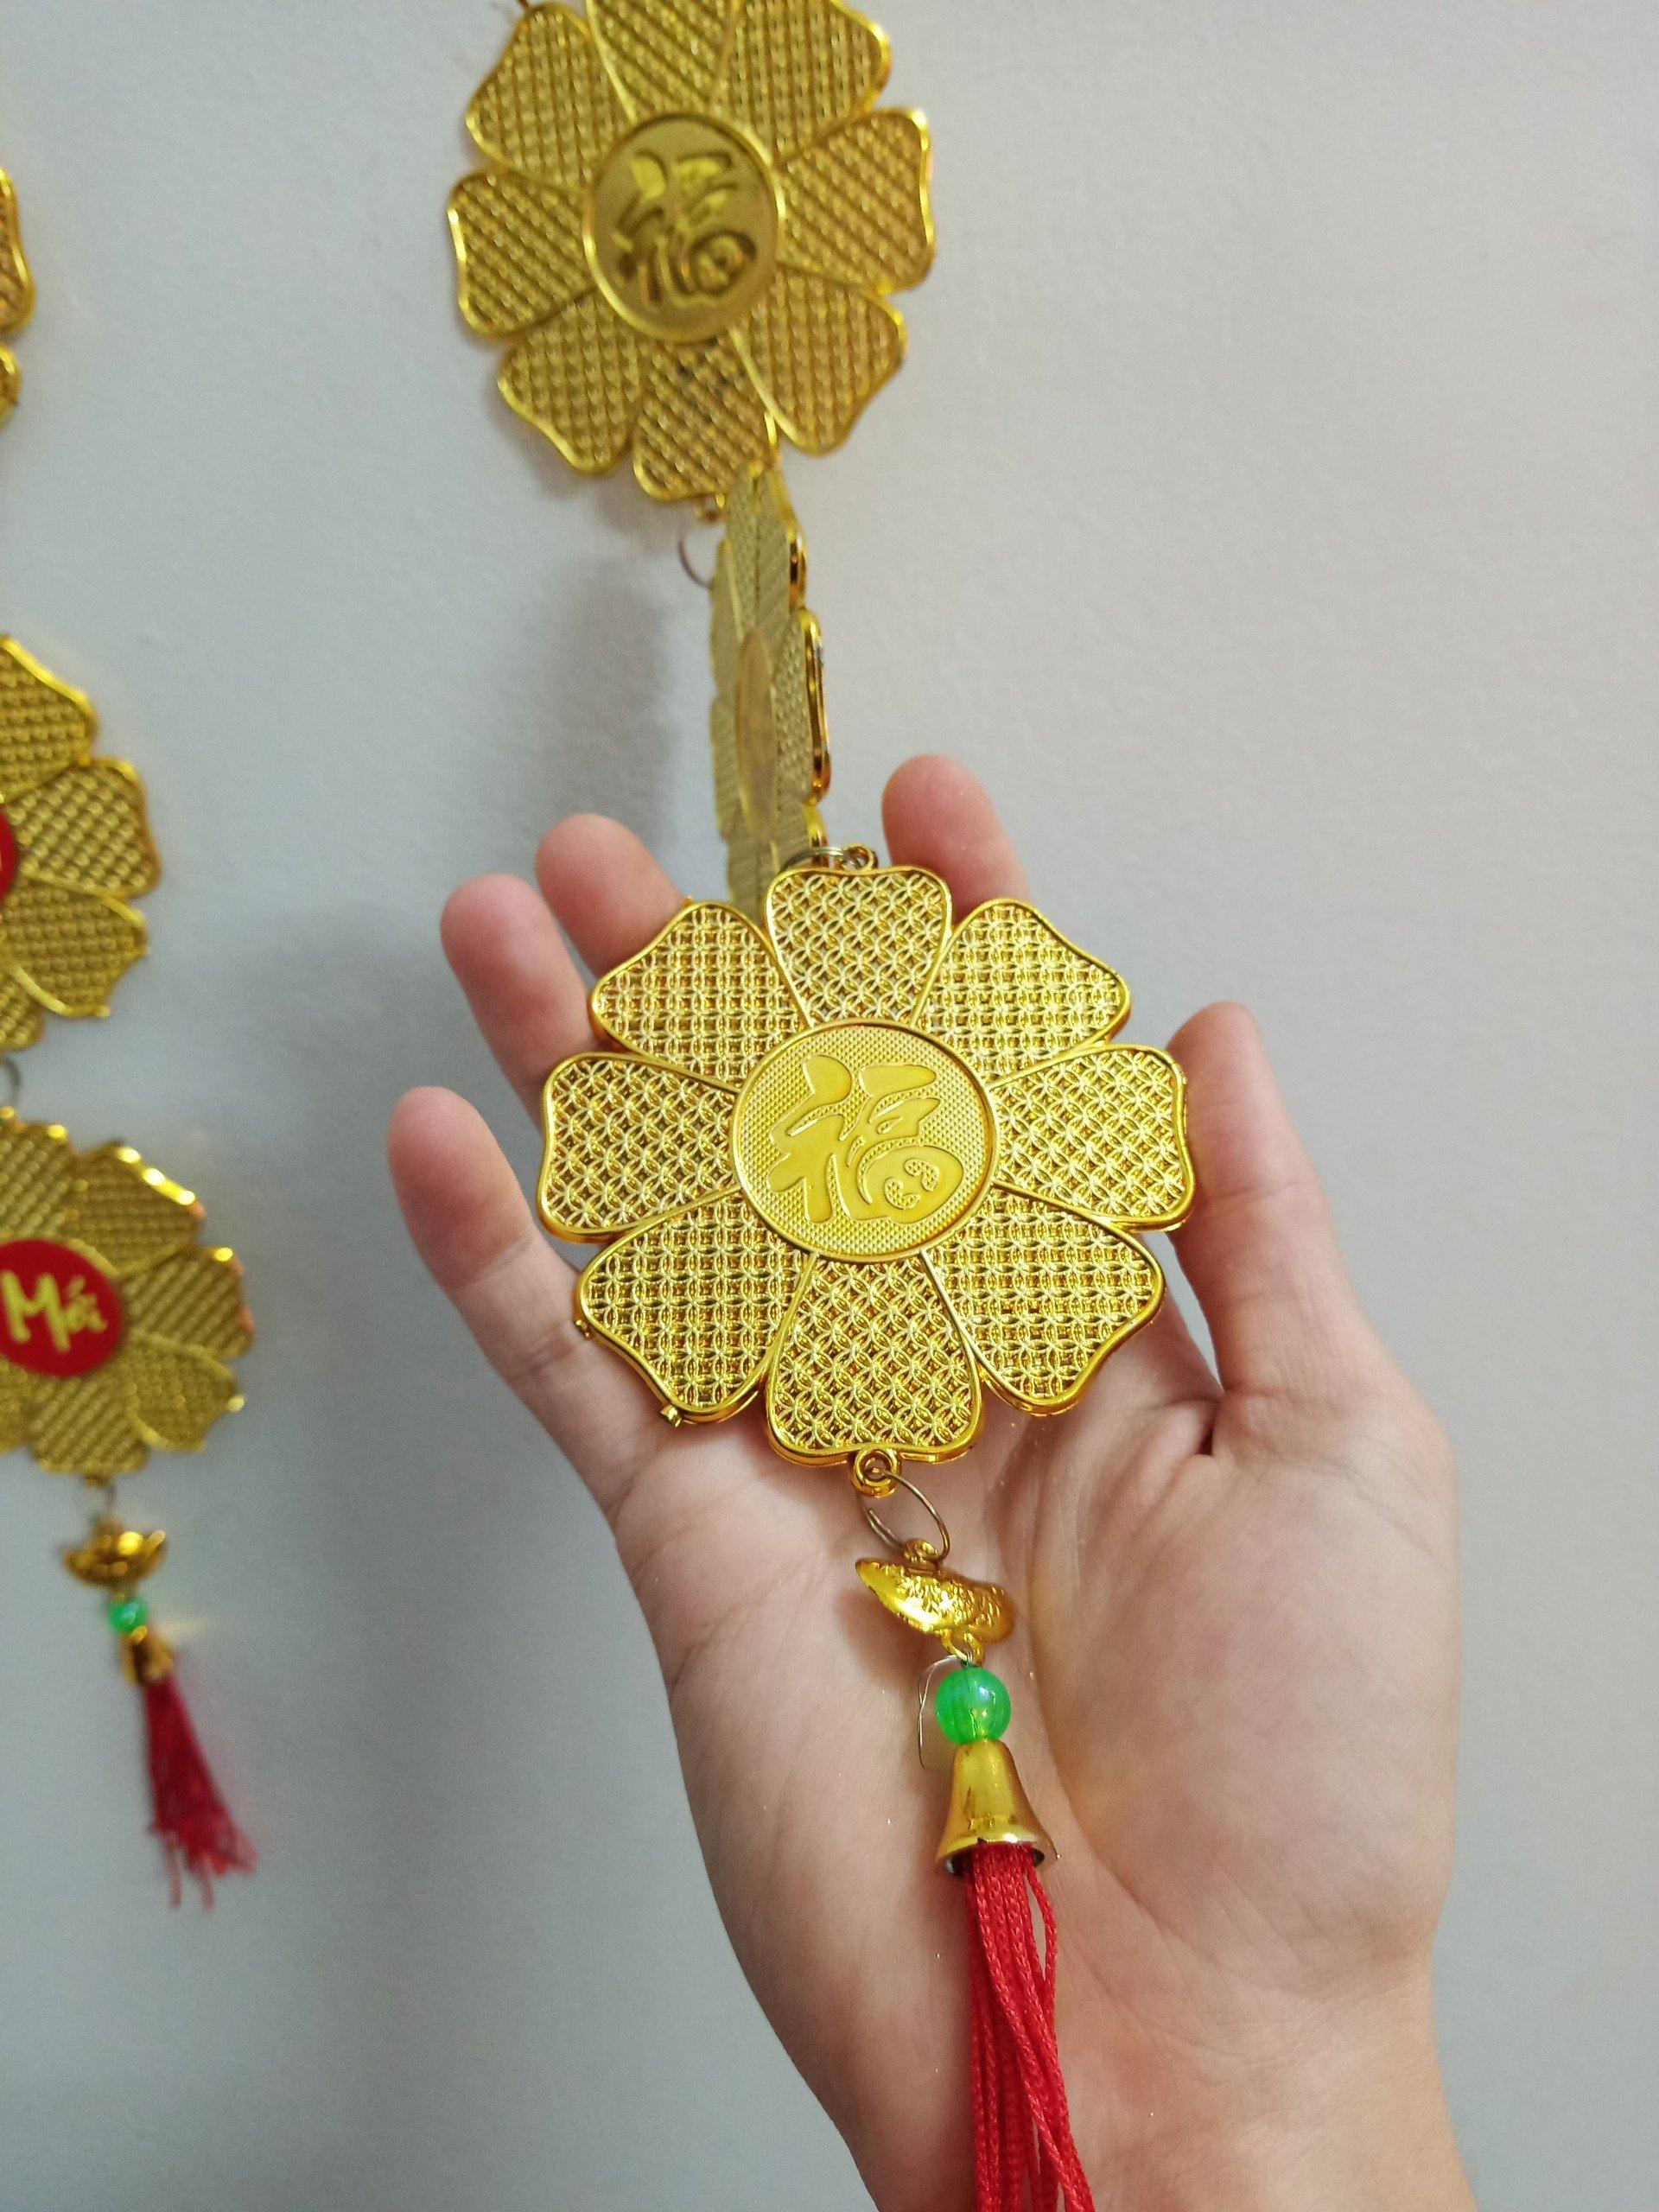 Lộc treo trang trí tết Bông mai đồng tiền vàng 26